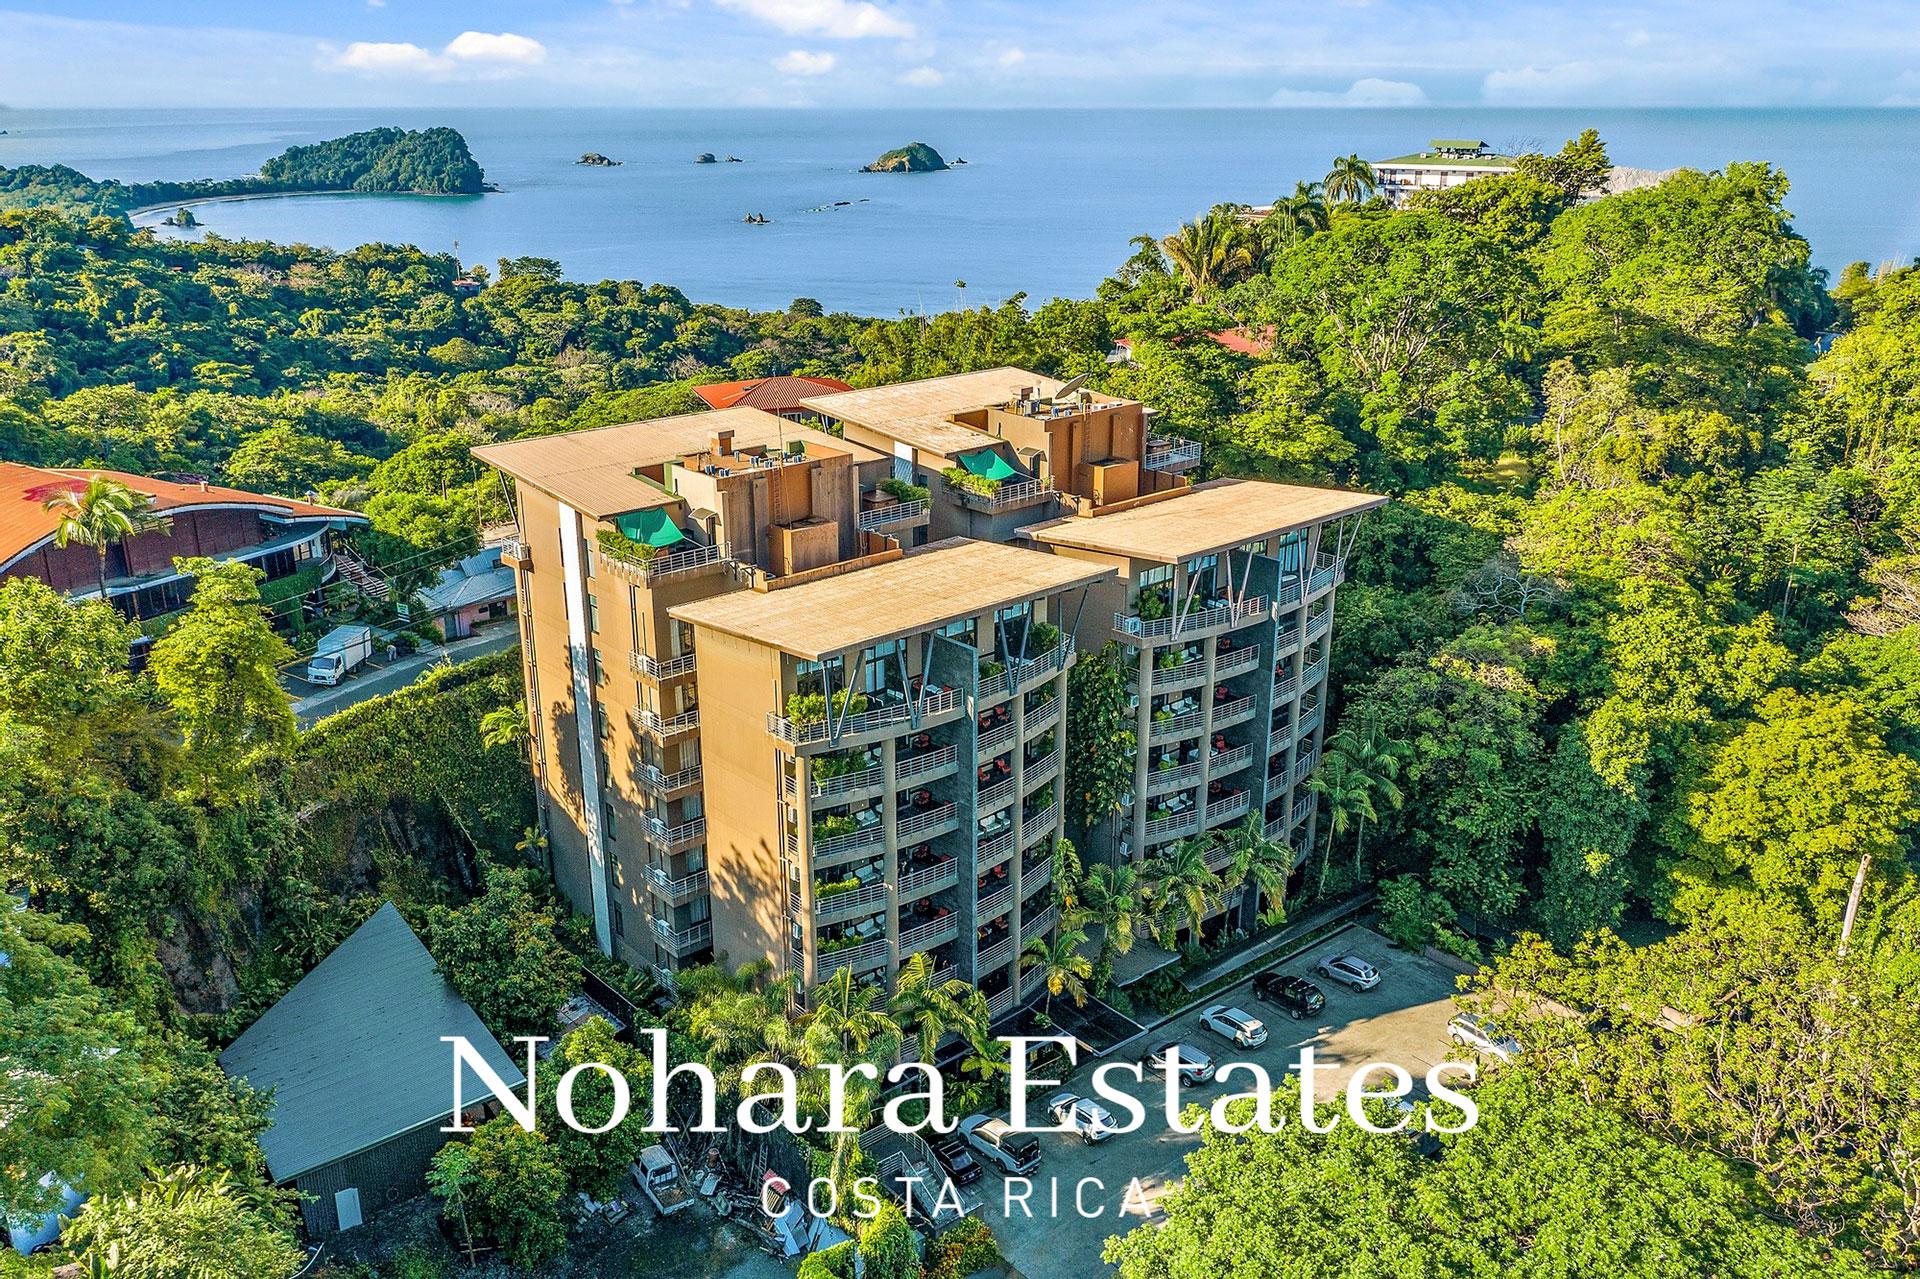 Nohara Estates Costa Rica Quepos Los Altos Areal 1